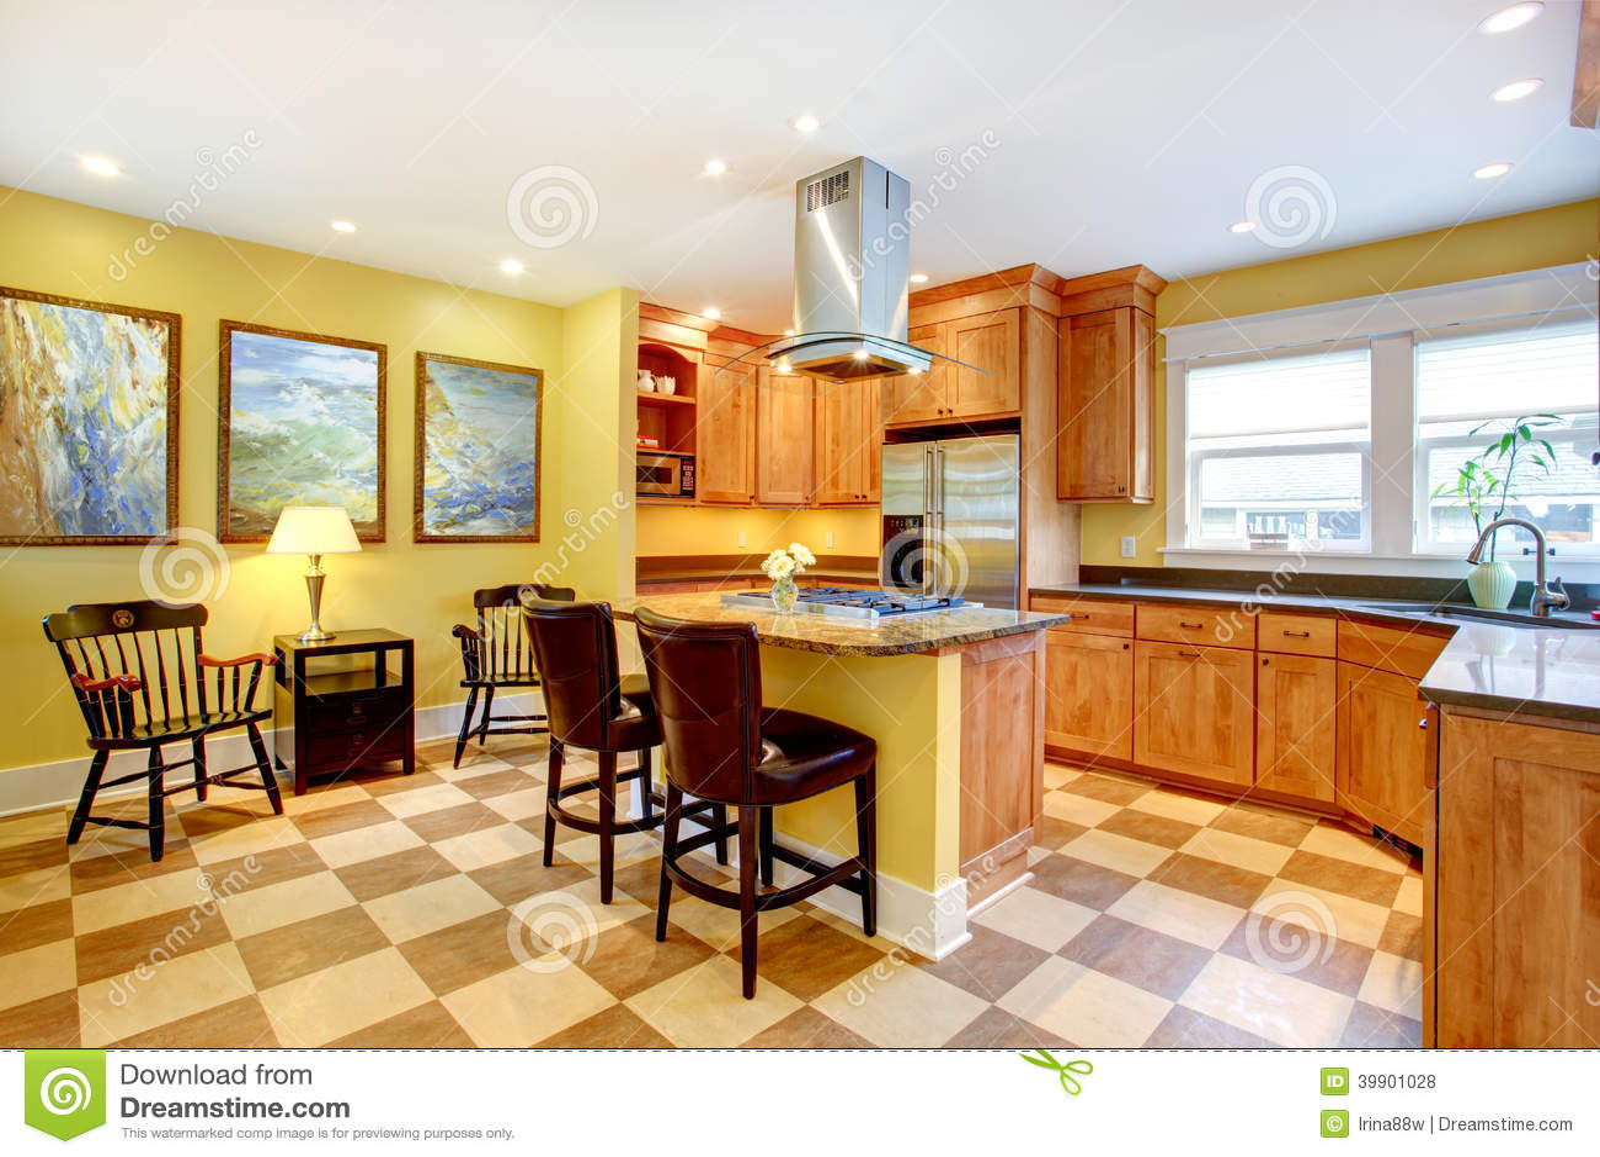 Pareti gialle in cucina se la stanza orientata a nord - Pitturare mobili cucina ...